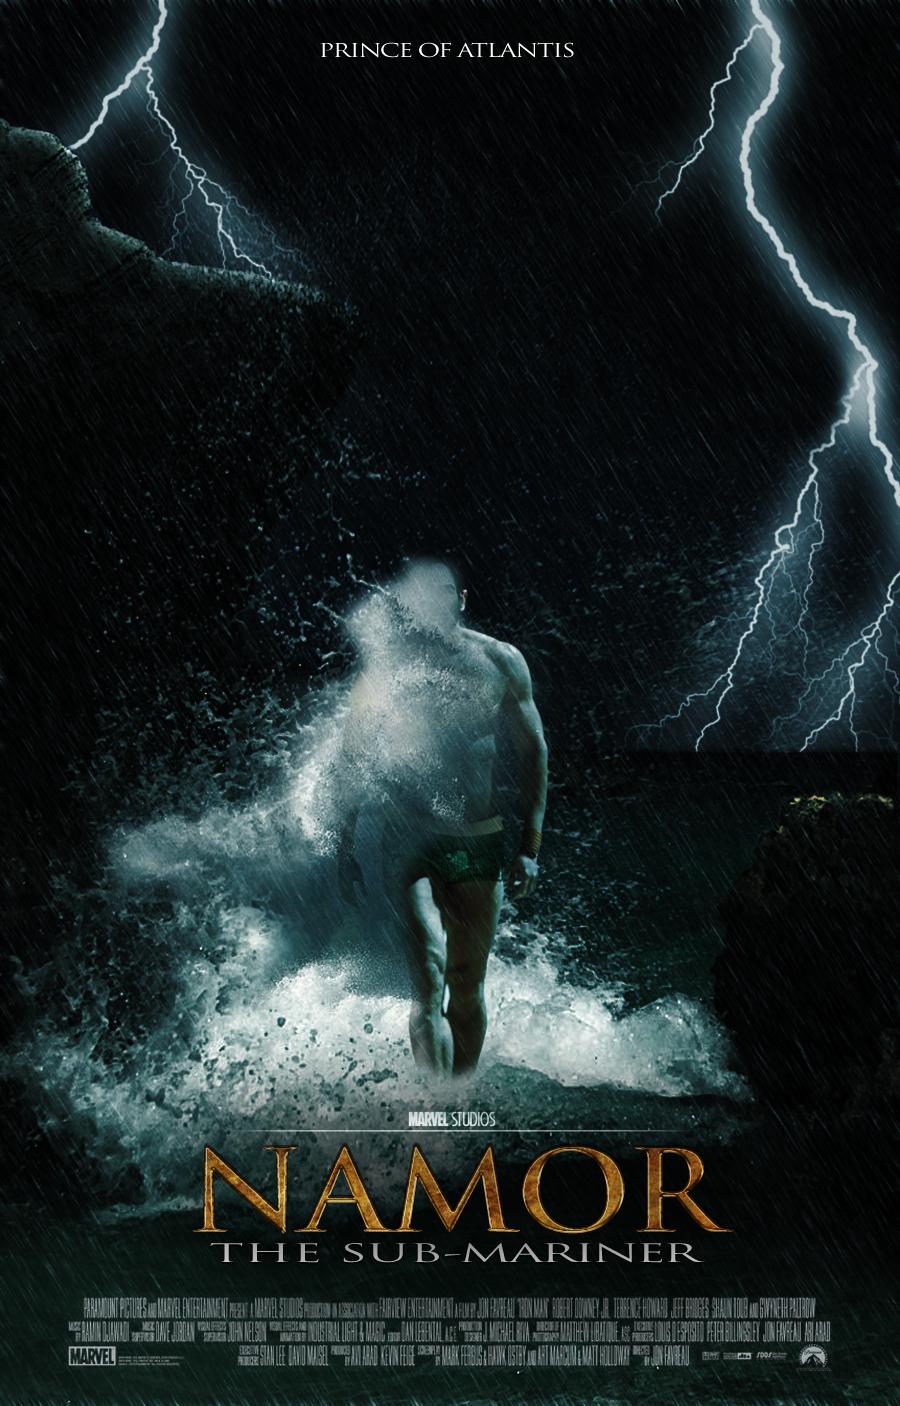 Namor Movie PosterNamor The Submariner Movie